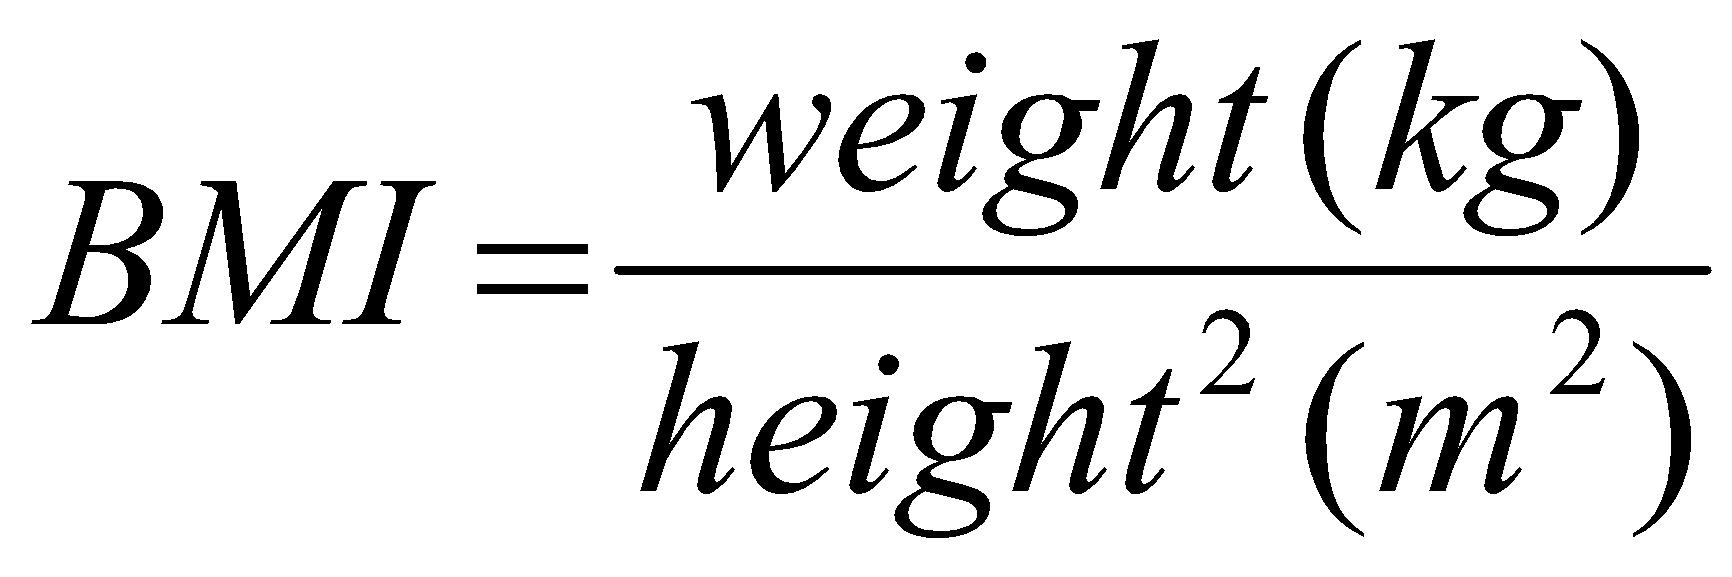 Боди мас индекс калкулатор